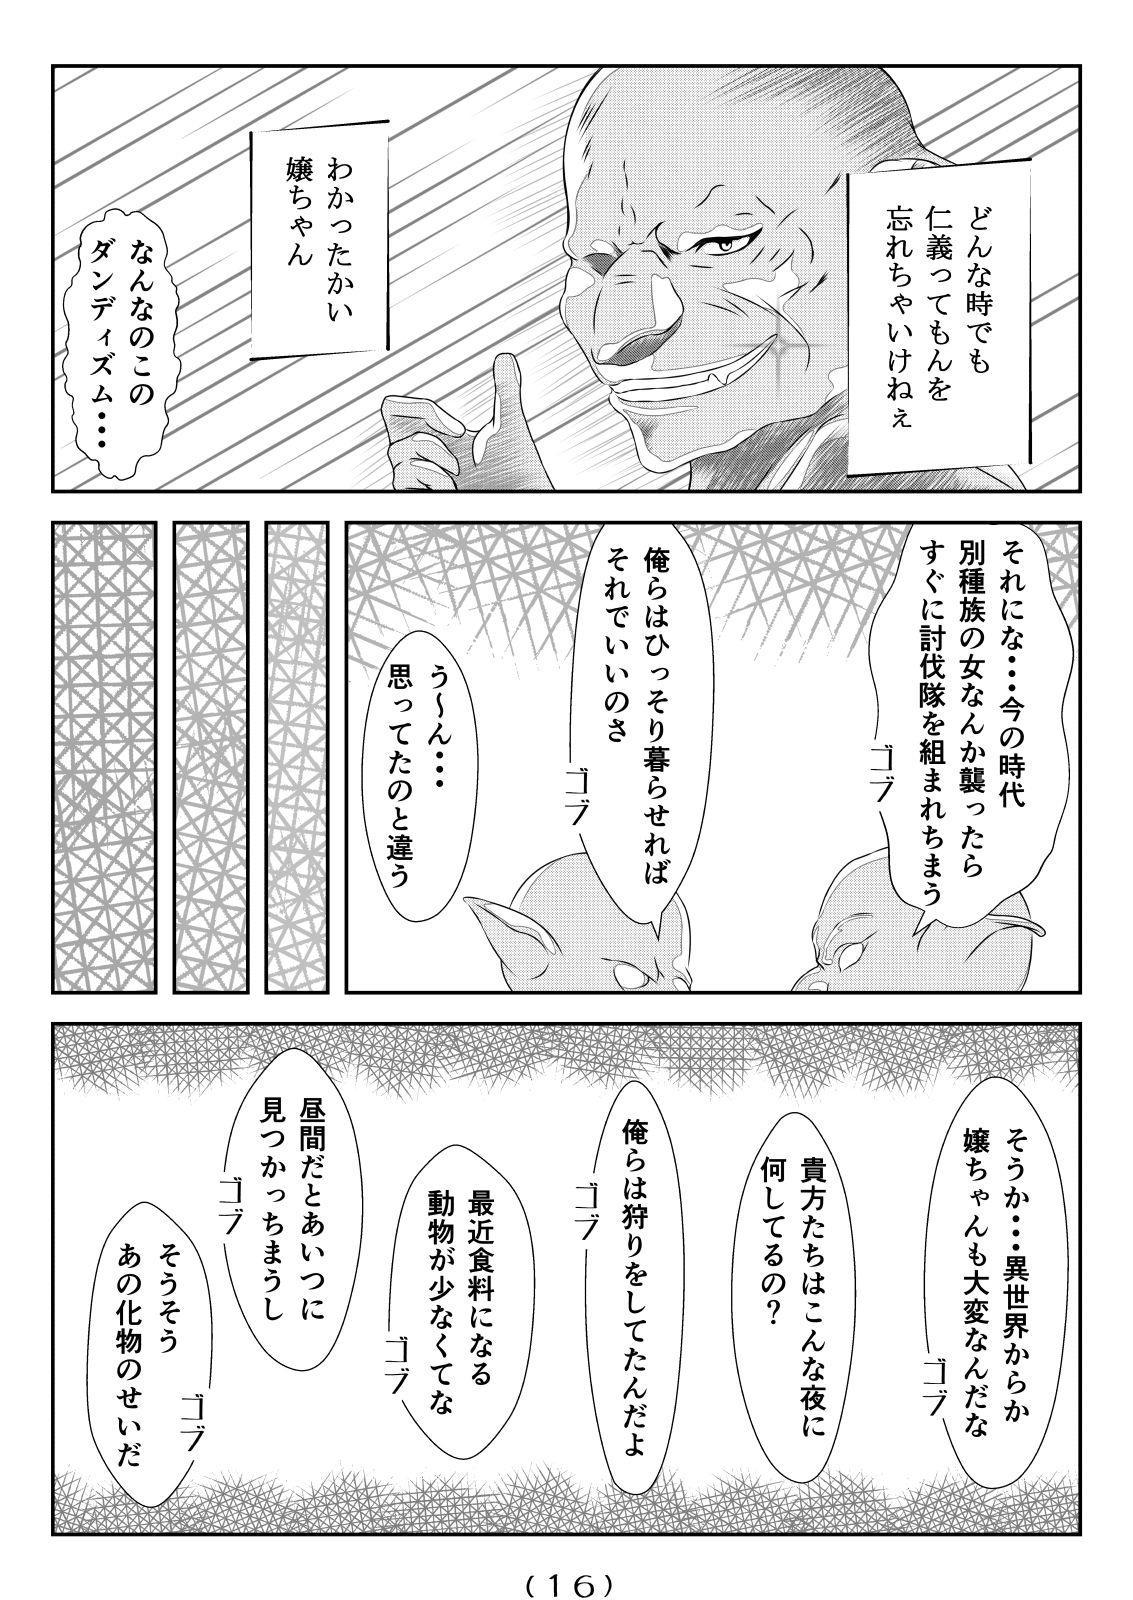 Nyotaika Cheat ga Isekai demo Souzou Ijou ni Bannou Sugita Sono 5 16